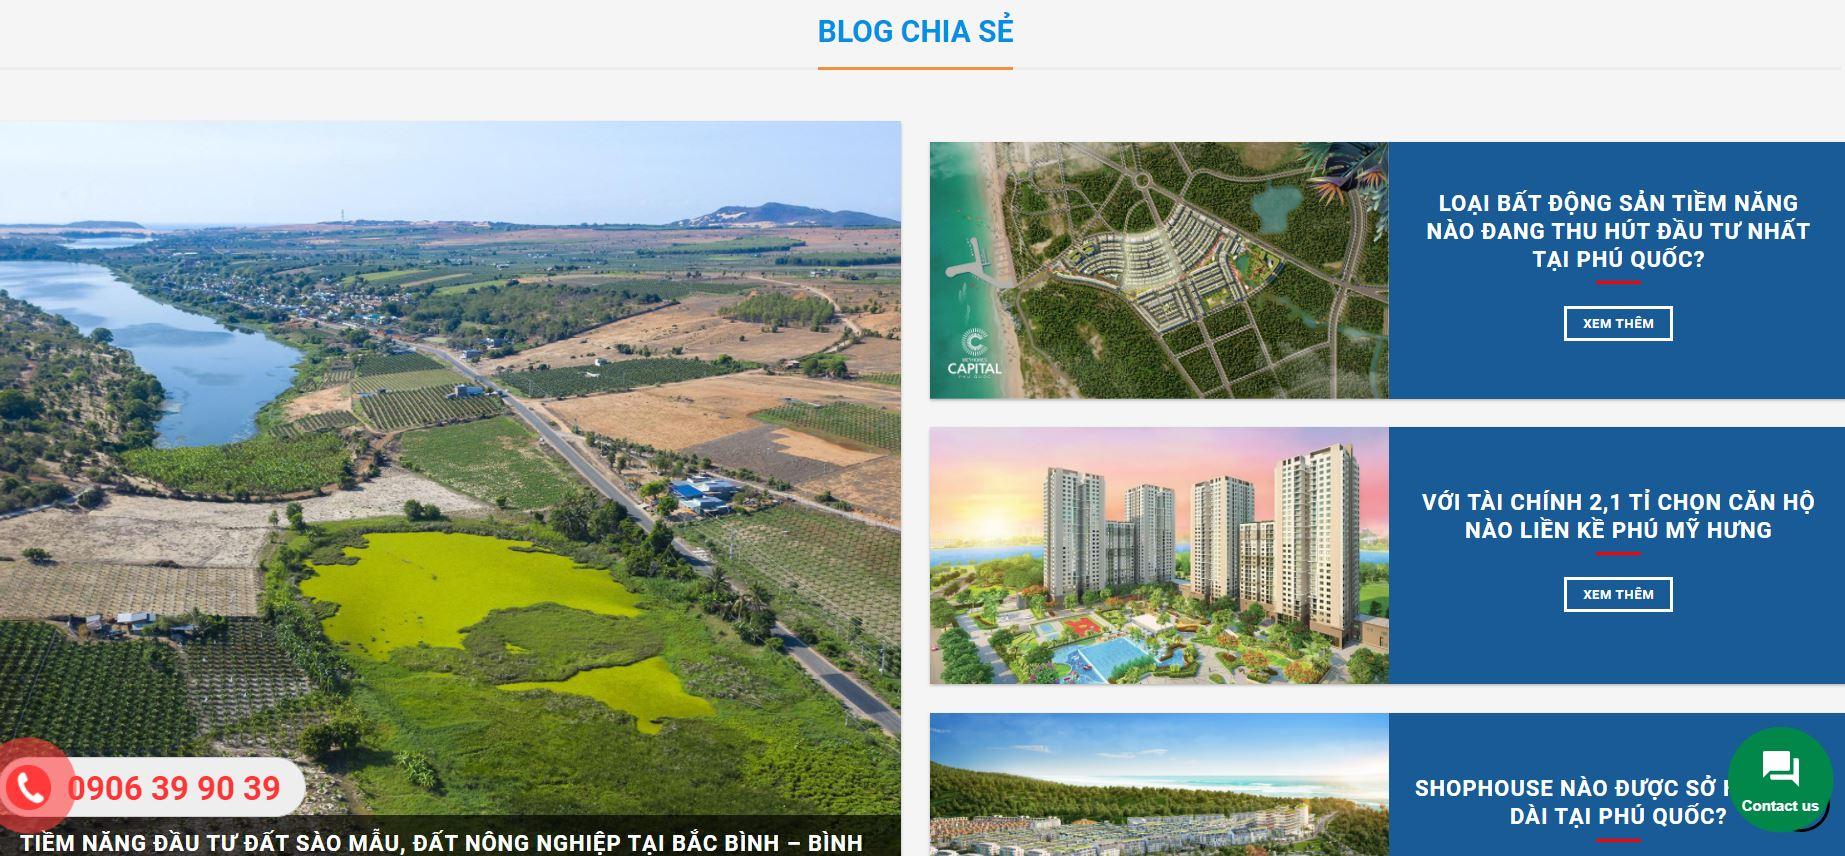 blog chia sẻ trên website bất động sản halo media